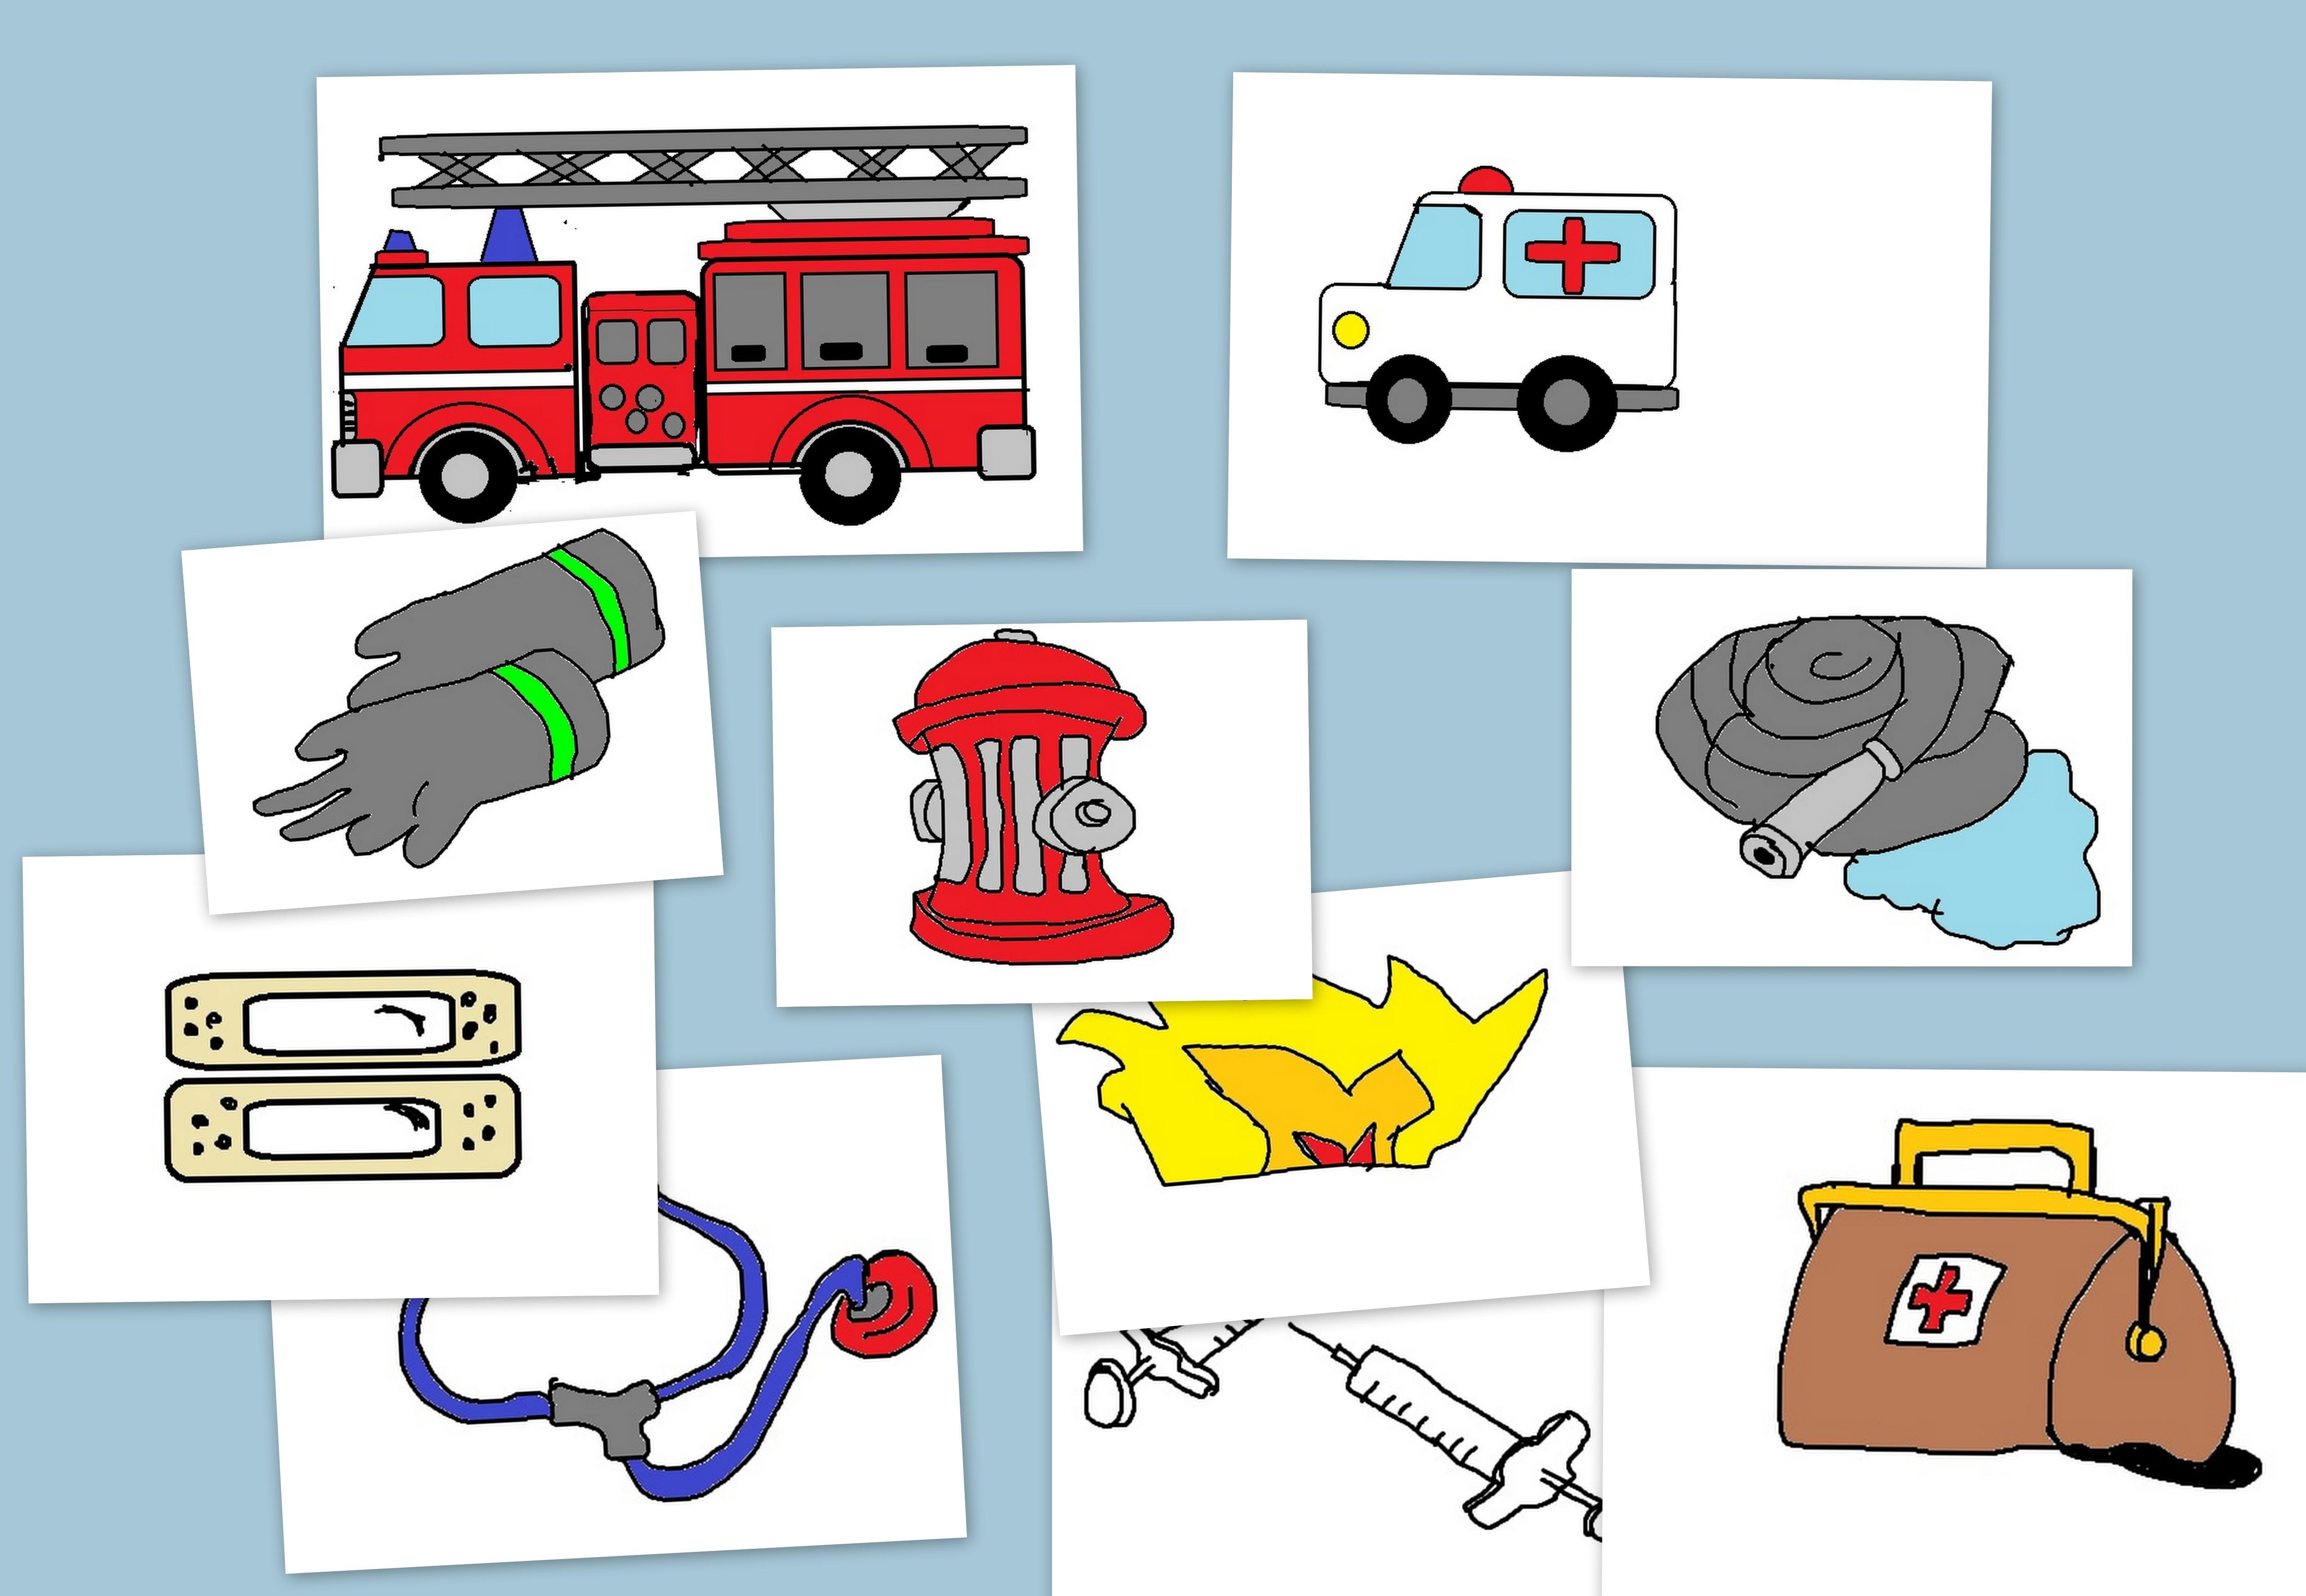 Co dla strażaka, co dla lekarza